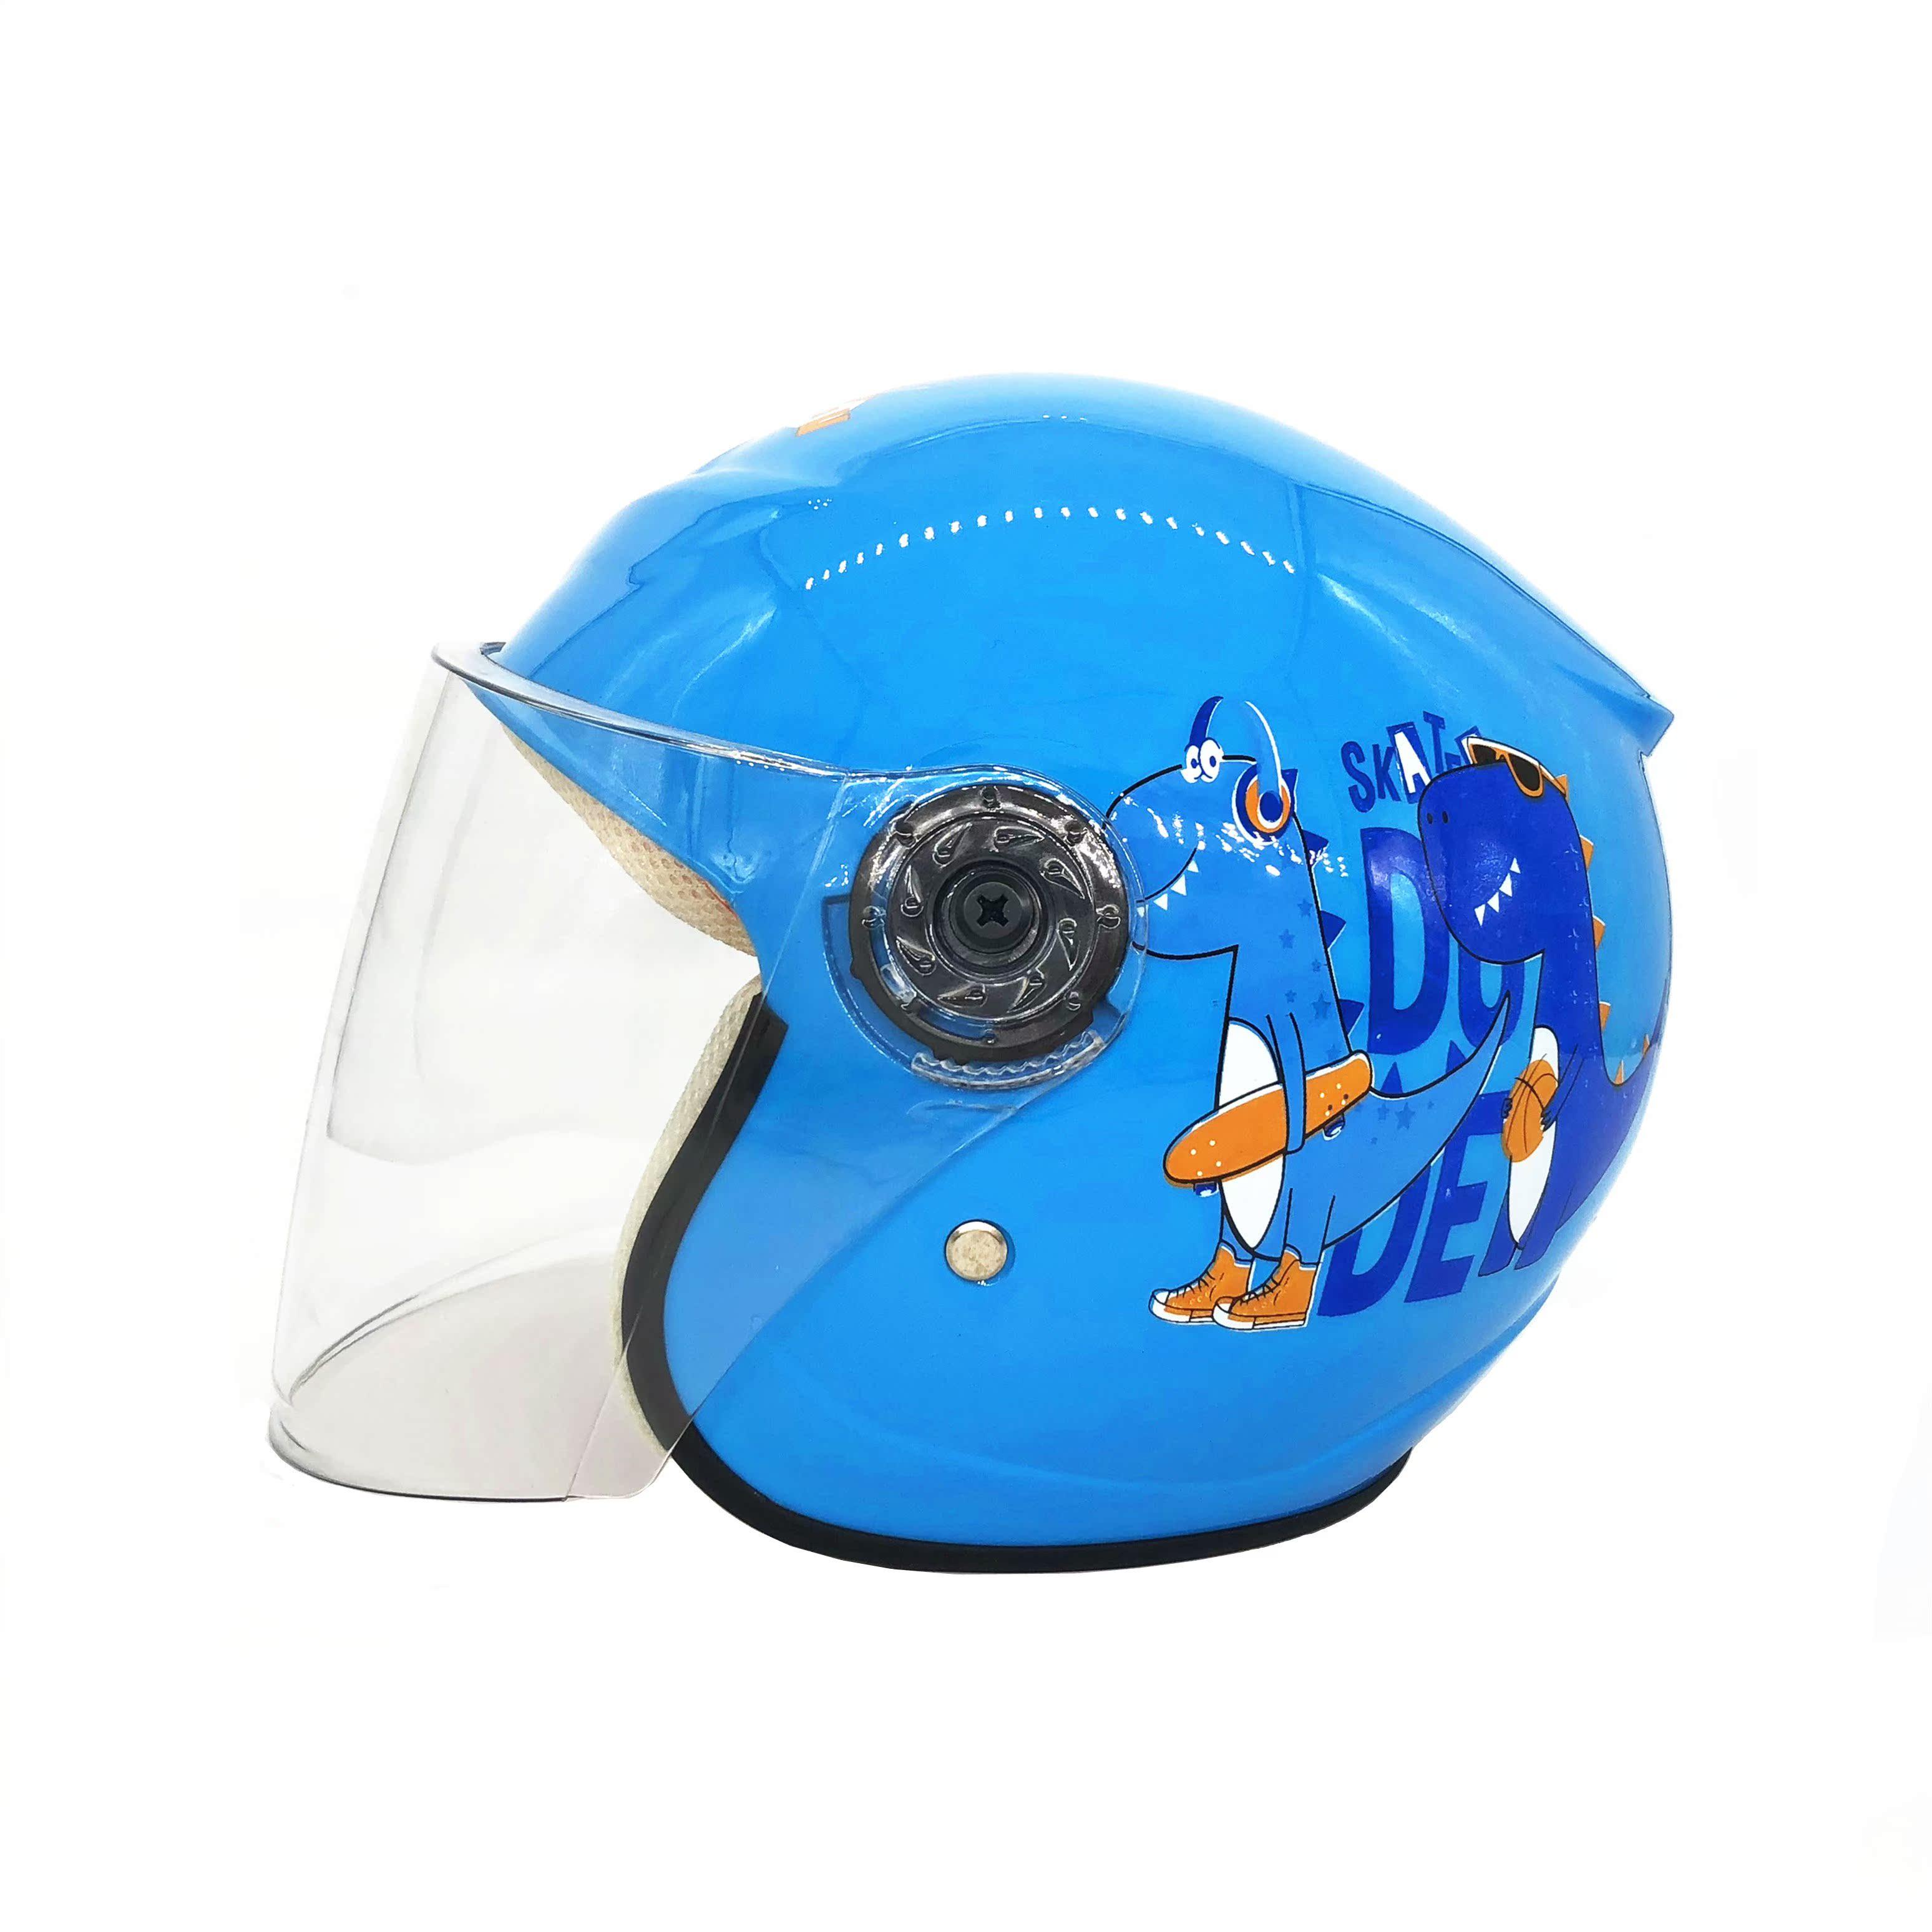 儿童安全自行车头盔旱冰鞋潮流儿童卡通头盔男孩四季蓝色简易